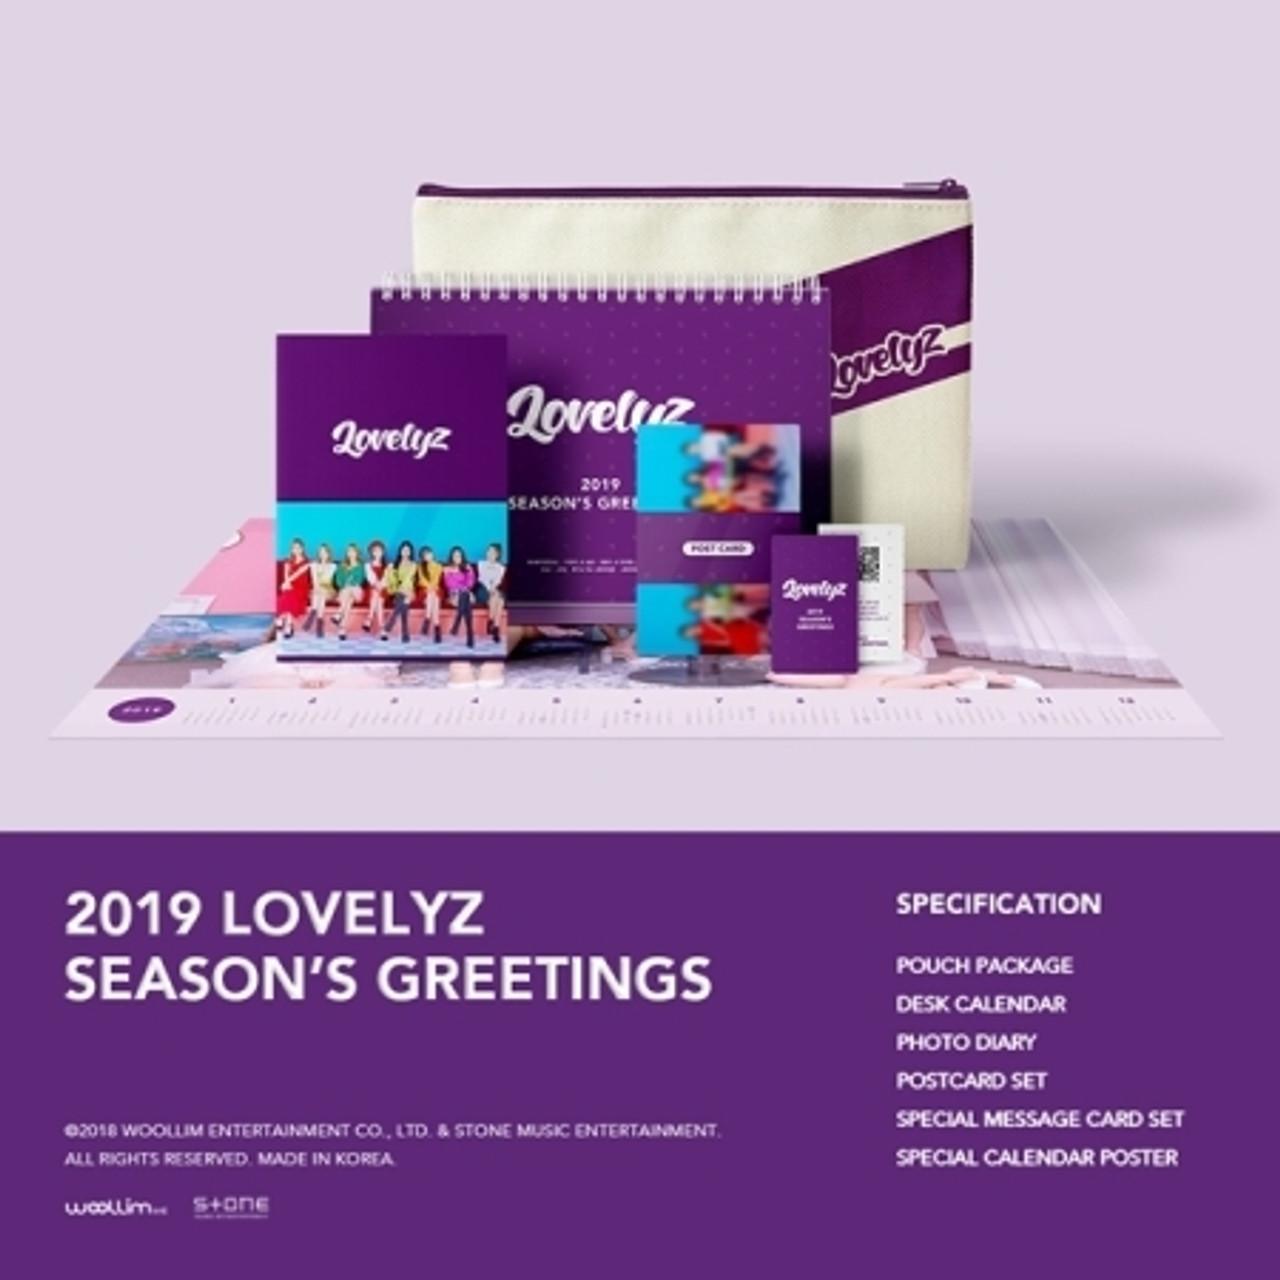 LOVELYZ - 2019 LOVELYZ SEASON GREETINGS + Poster